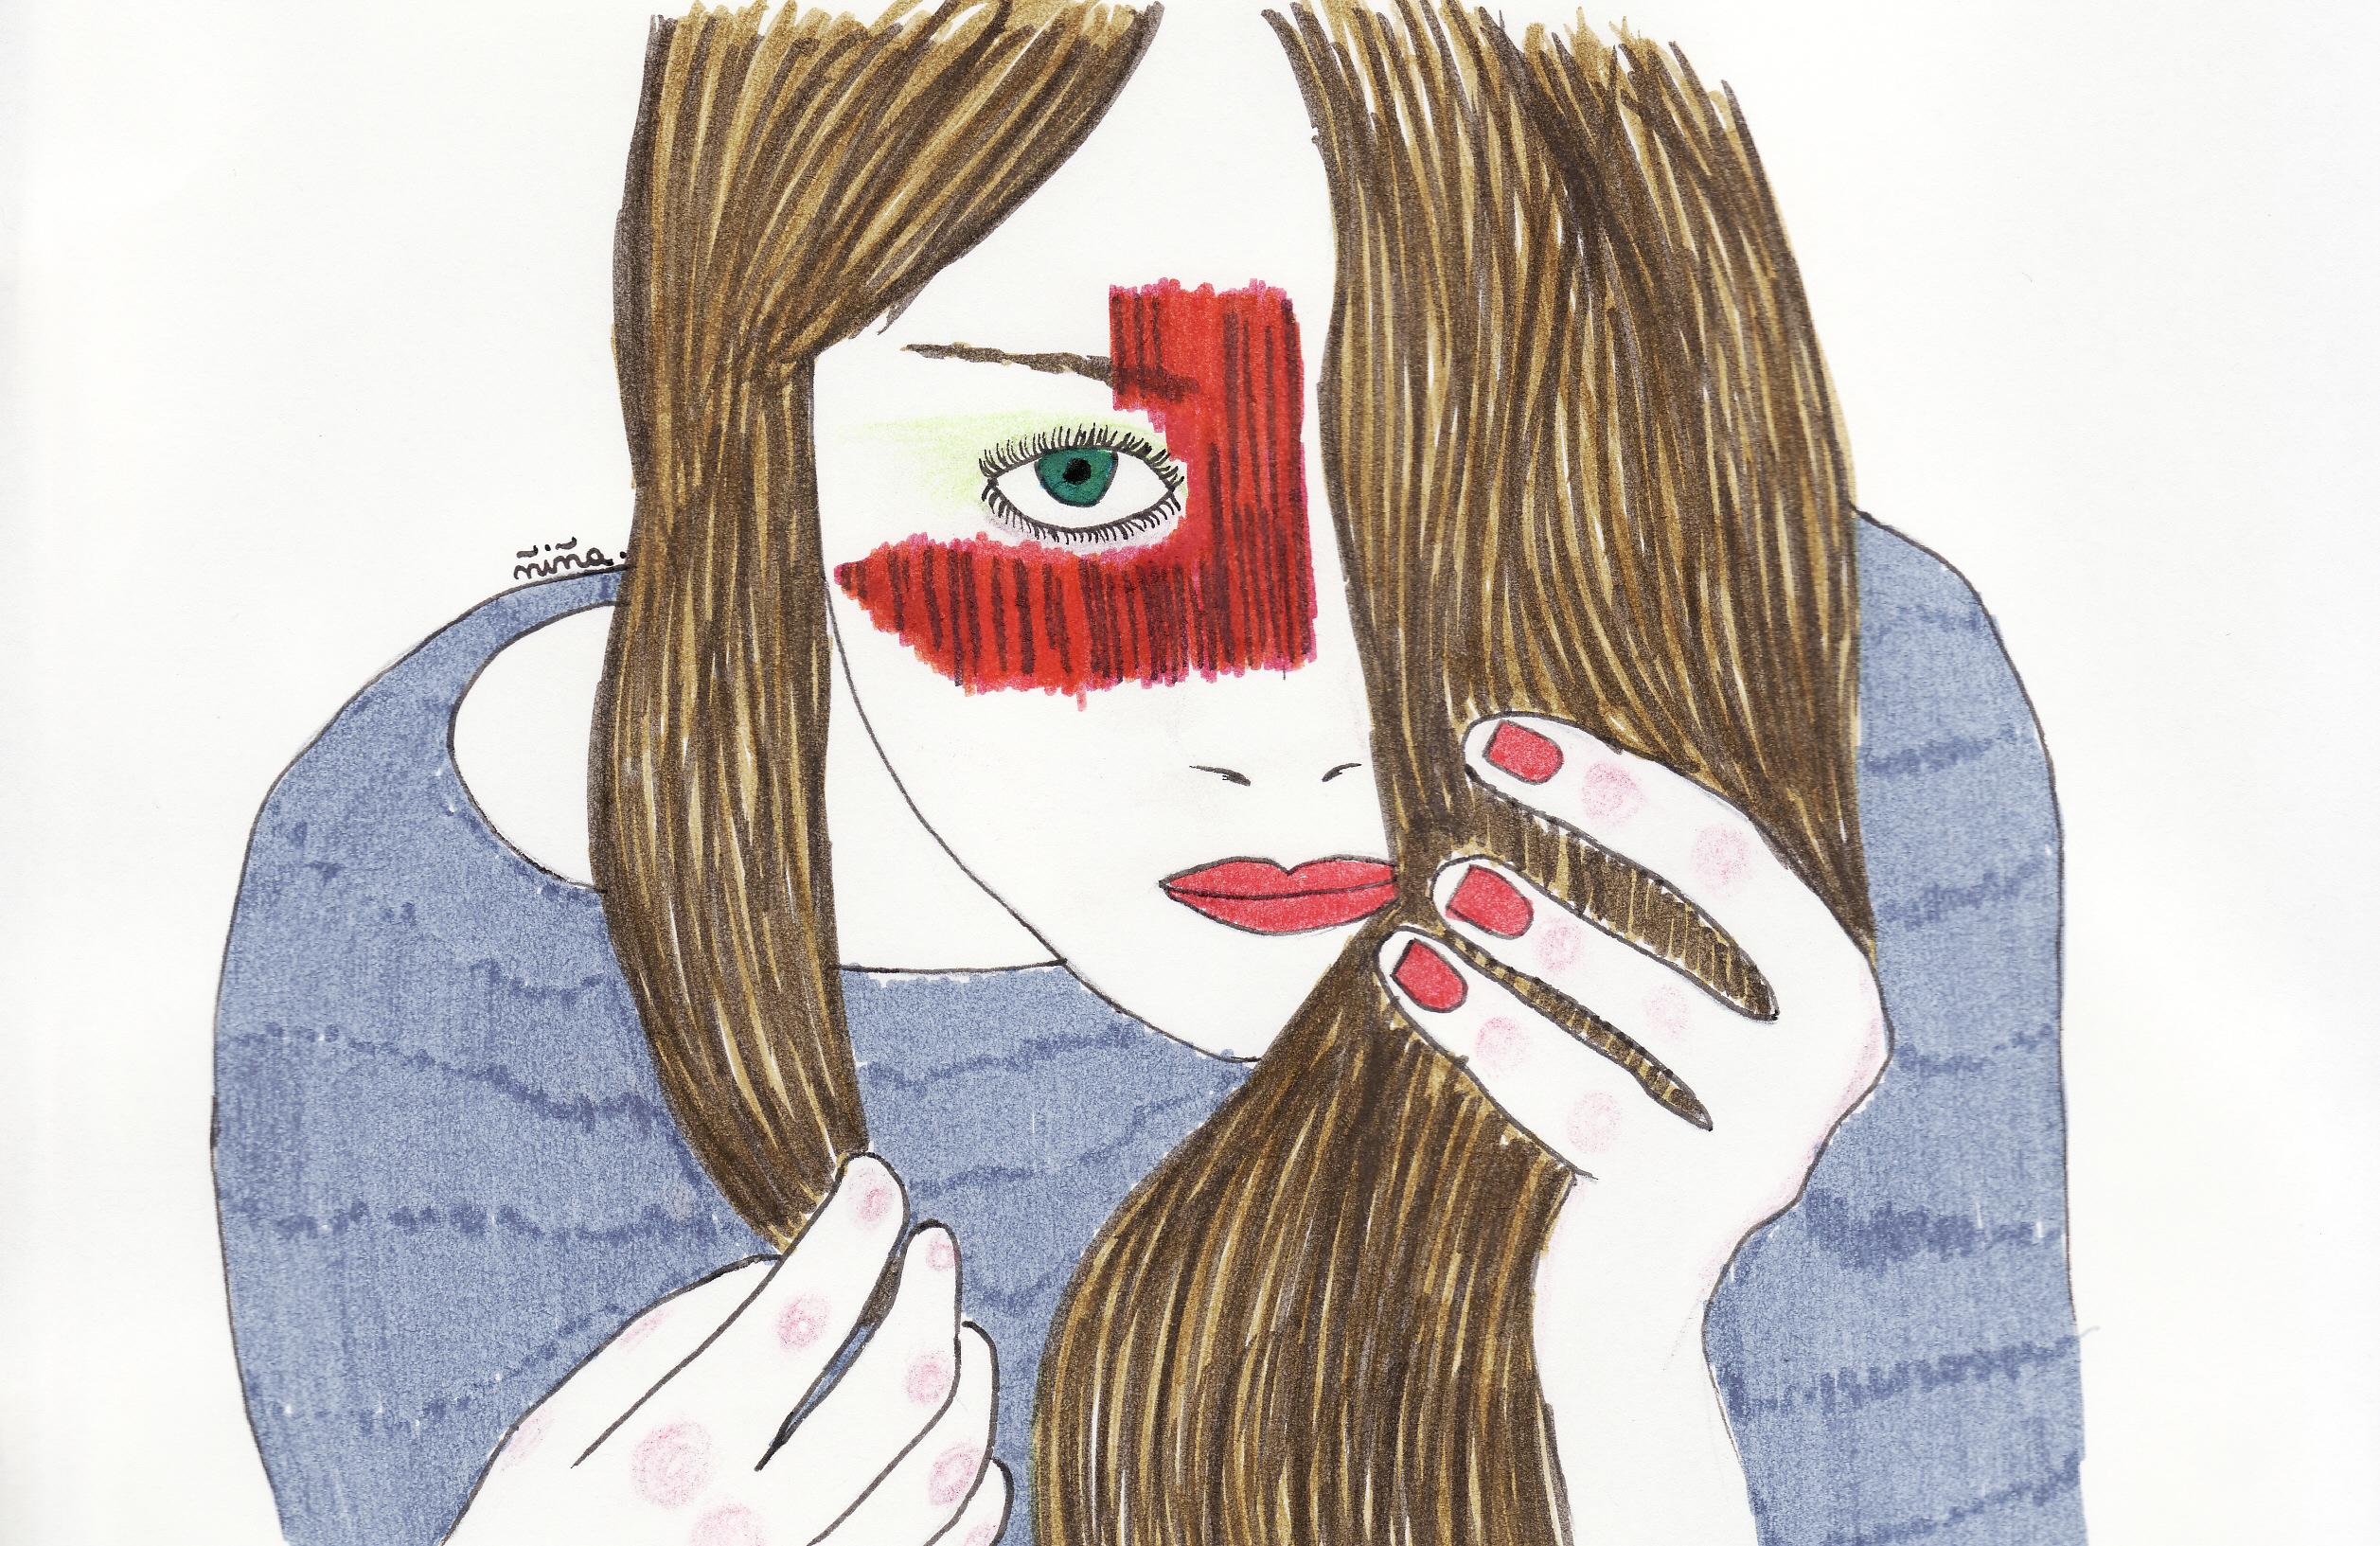 Masaüstü Yüz Ifadesi Insan Saçı Rengi Burun Saç Modeli Kız